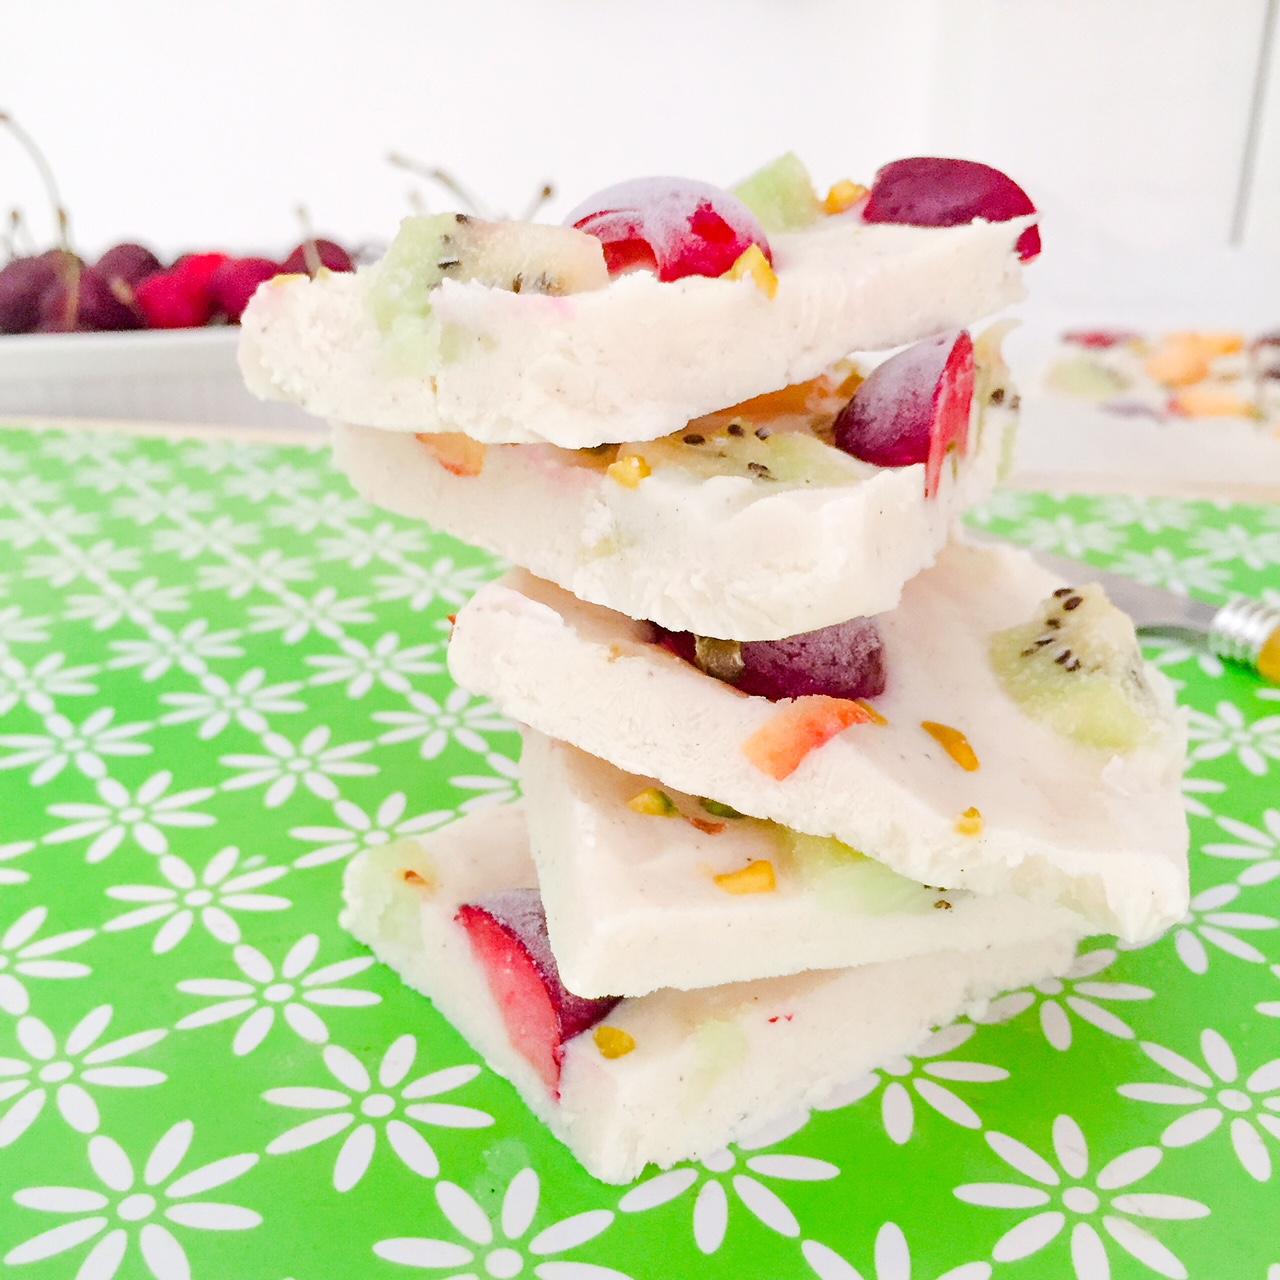 Frozen yogurt bark alla frutta in pezzi